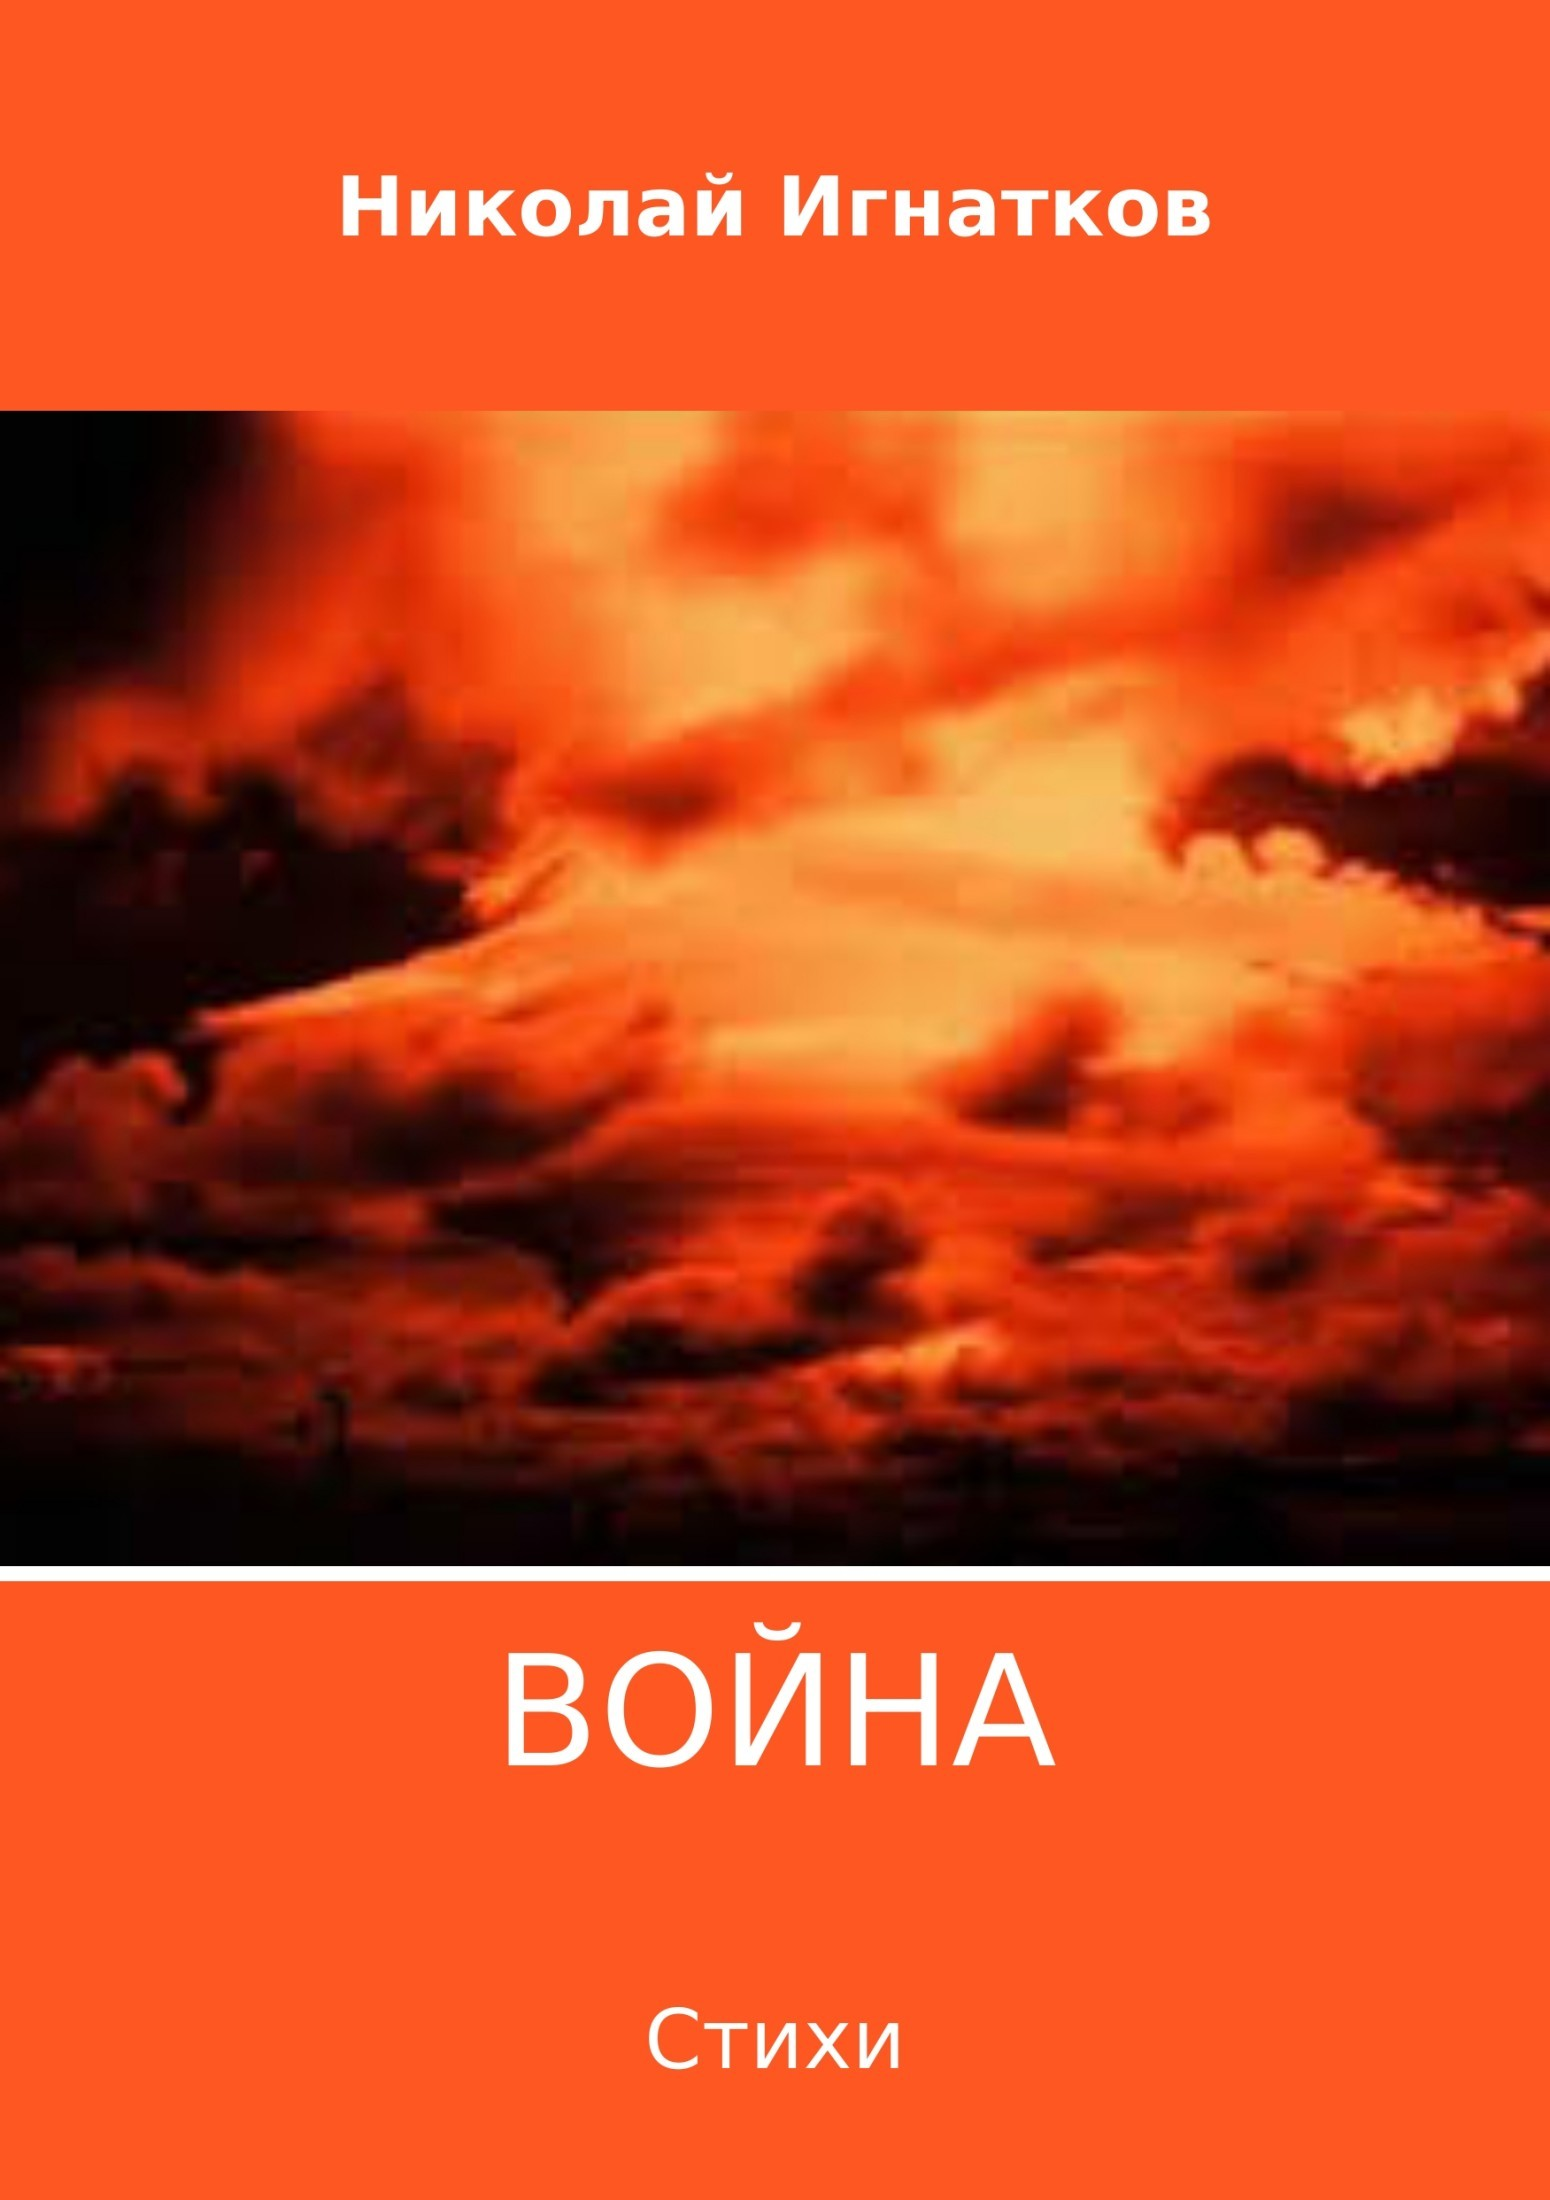 Николай Викторович Игнатков Война. Сборник стихотворений пронько в война окончилась война продолжается…